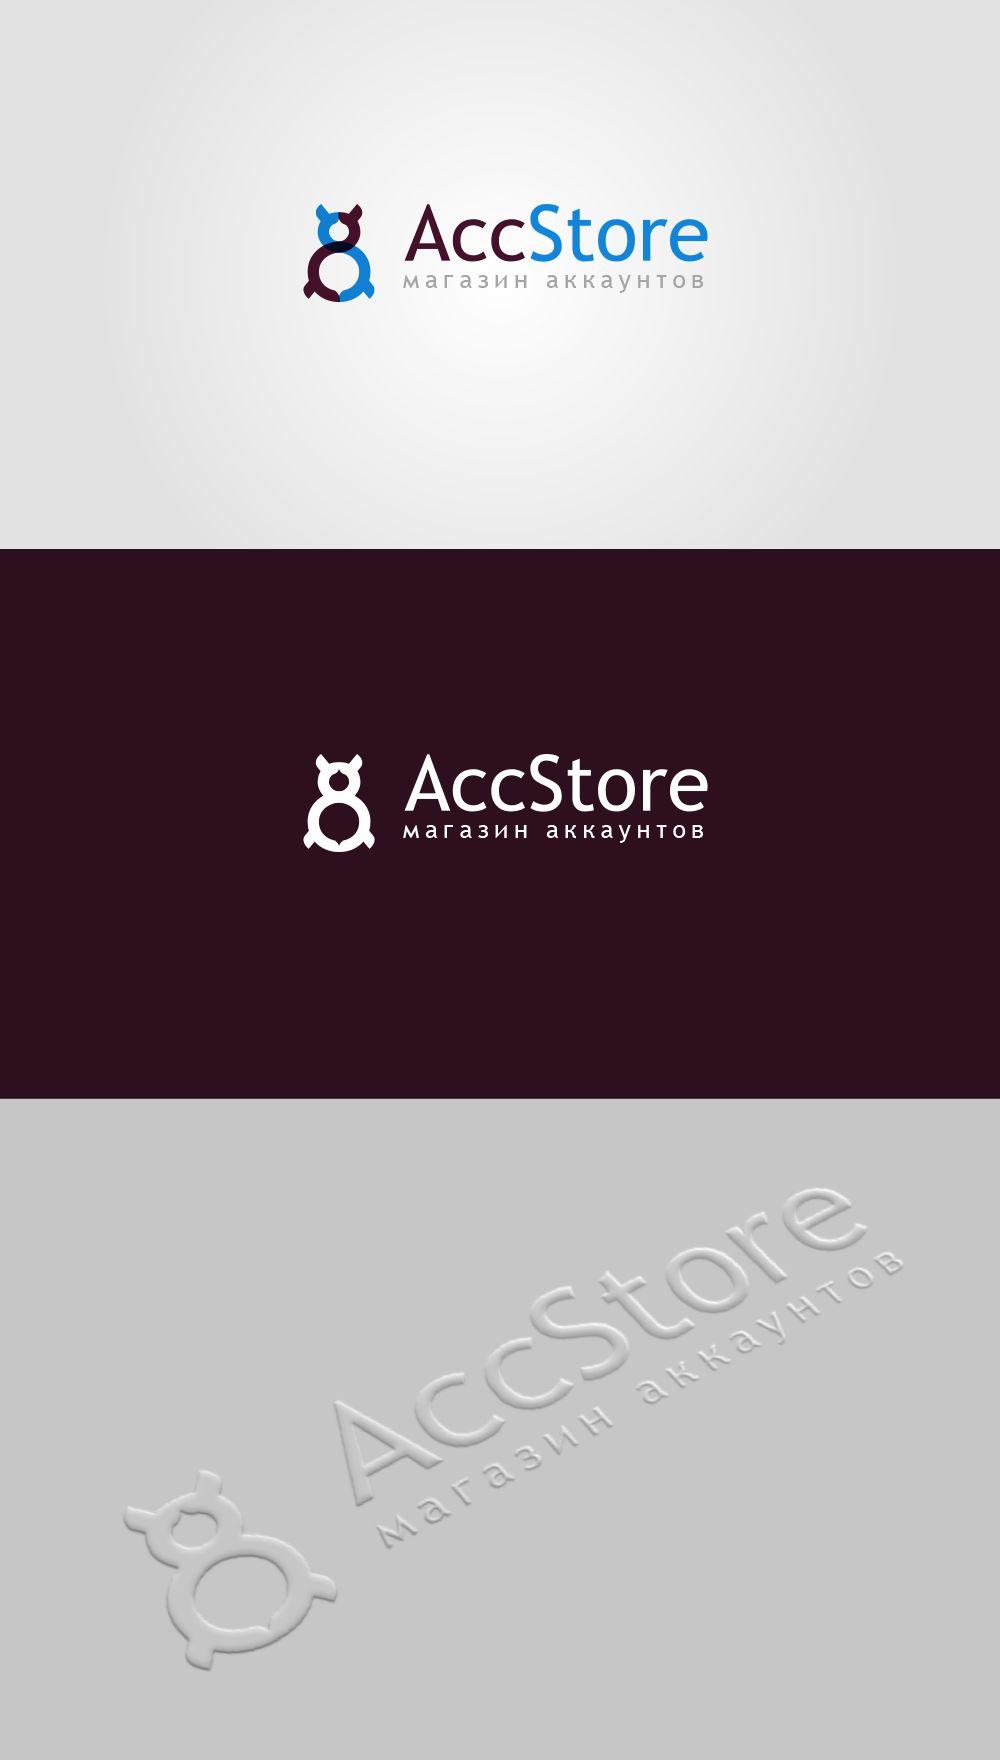 Логотип для магазина аккаунтов - дизайнер barania